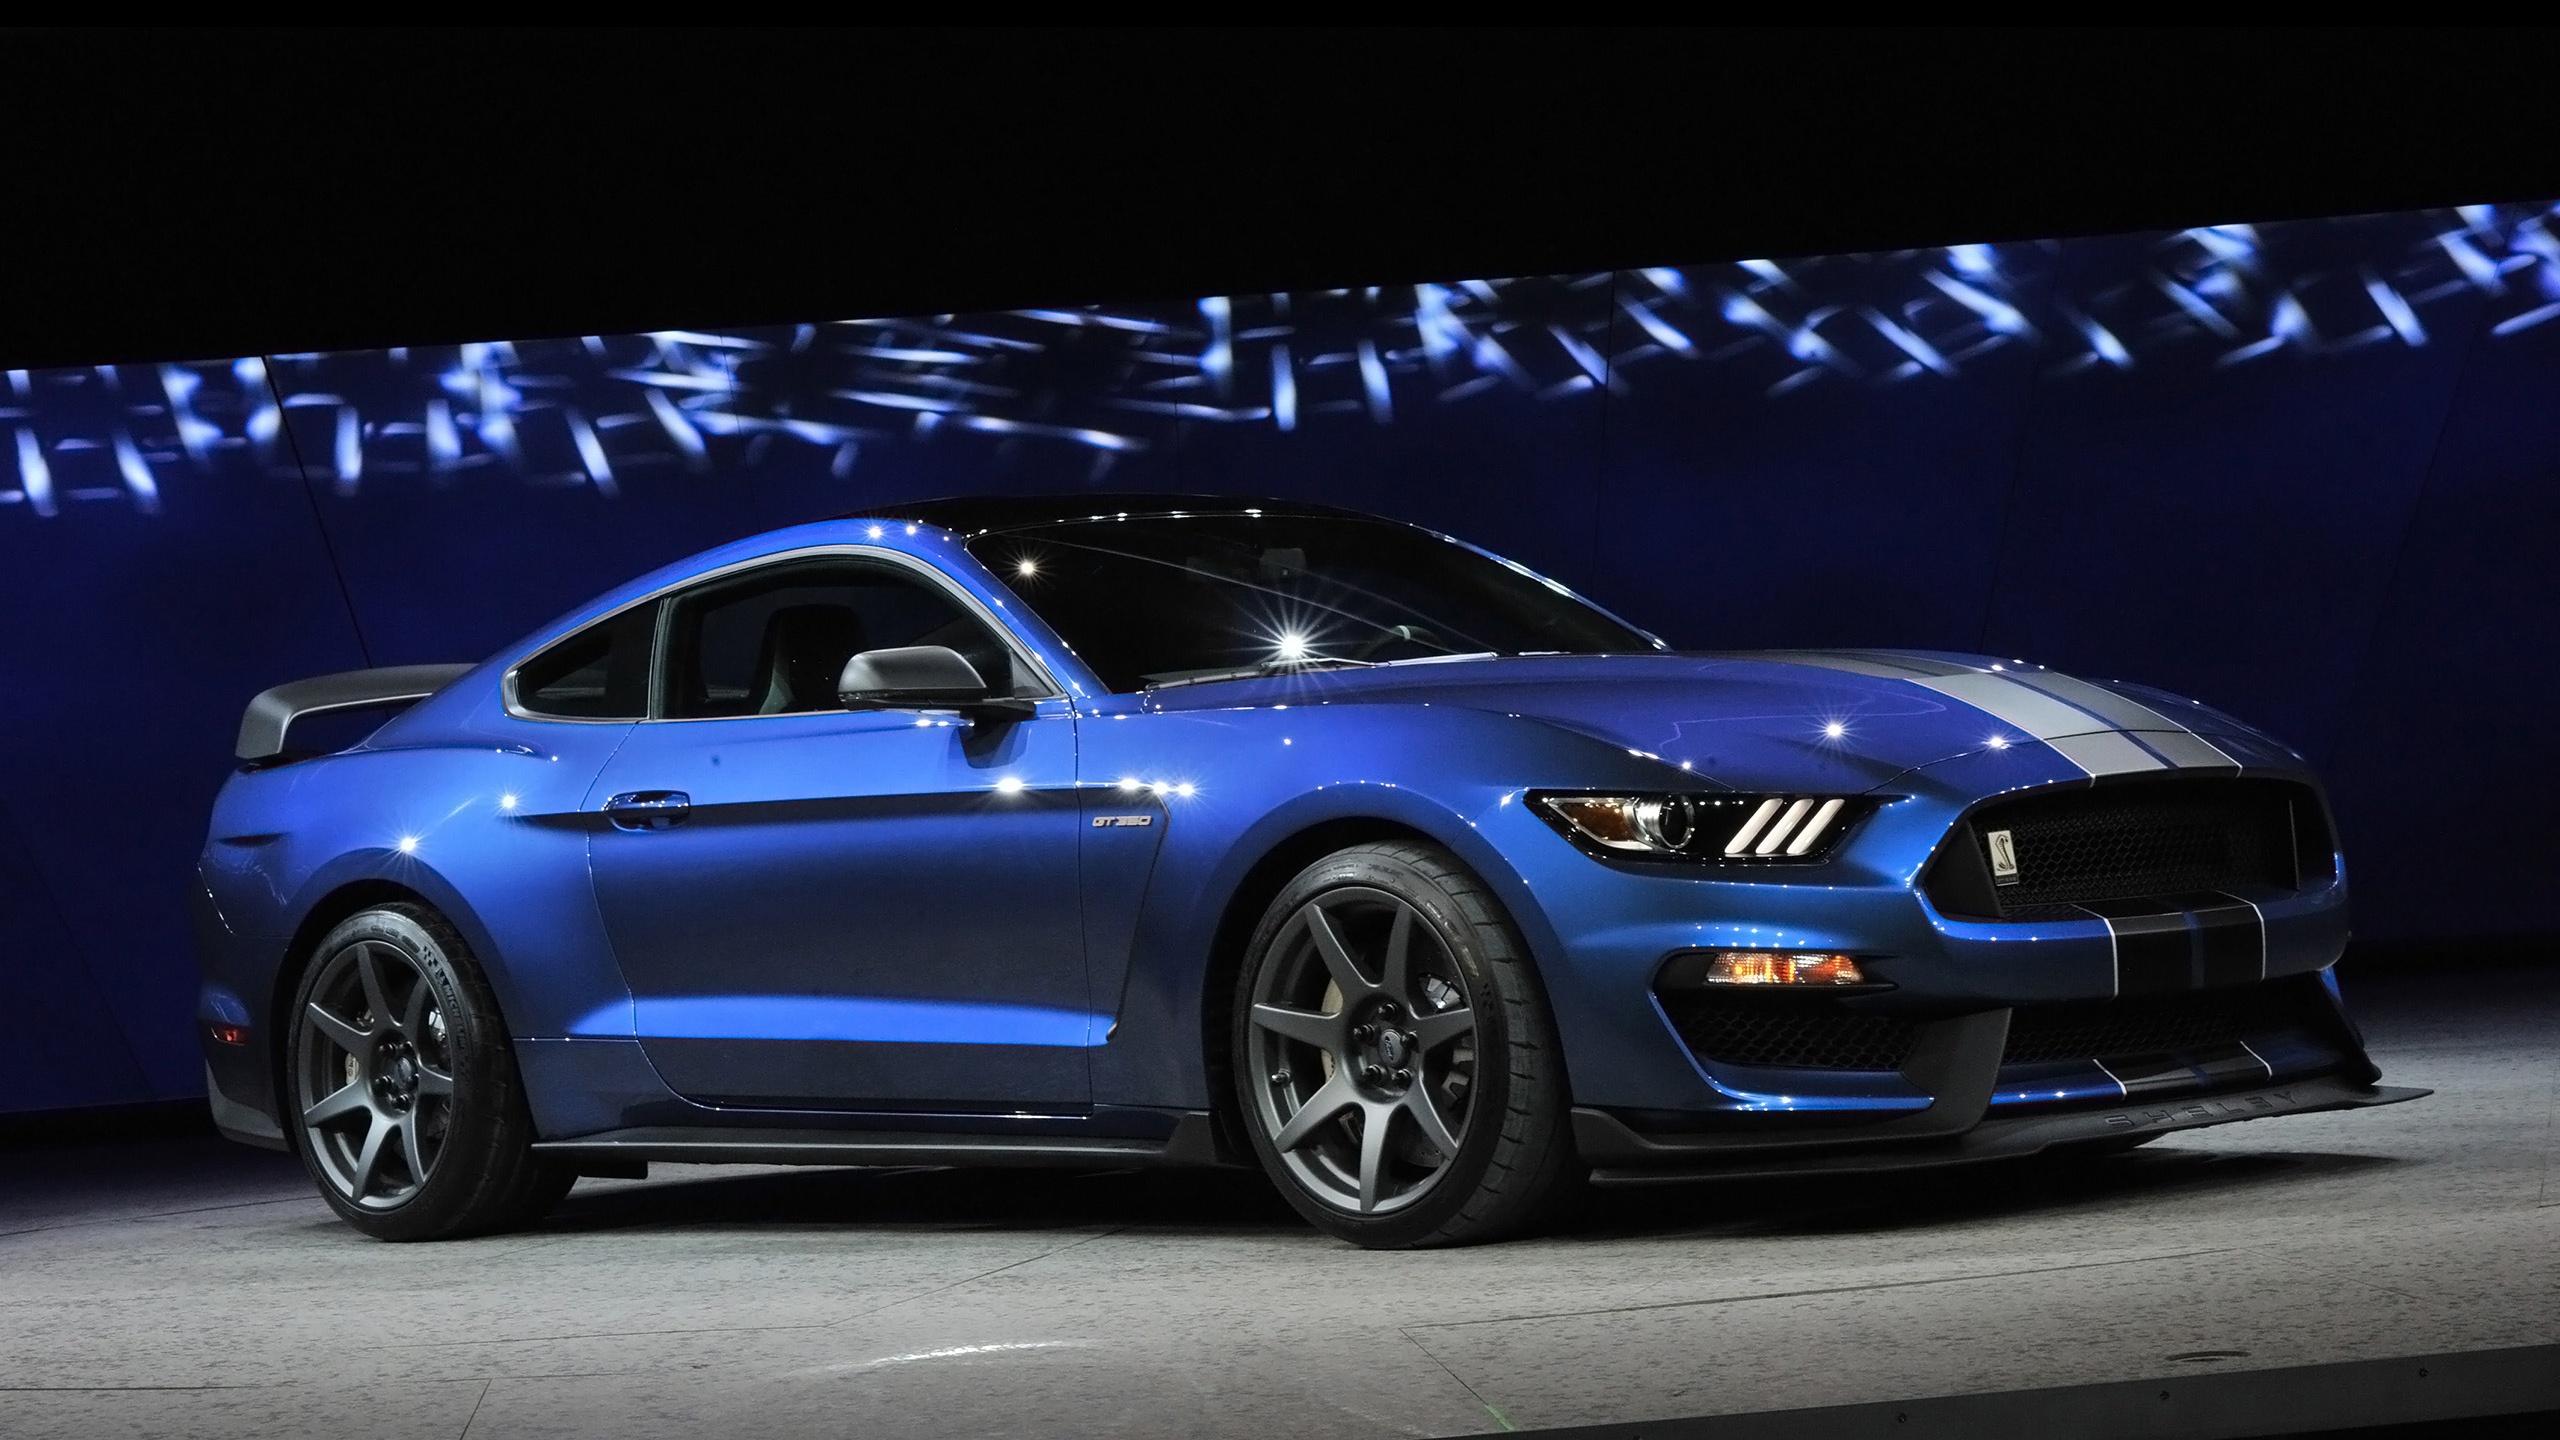 Ford Mustang (2015) цена и характеристики, фотографии...